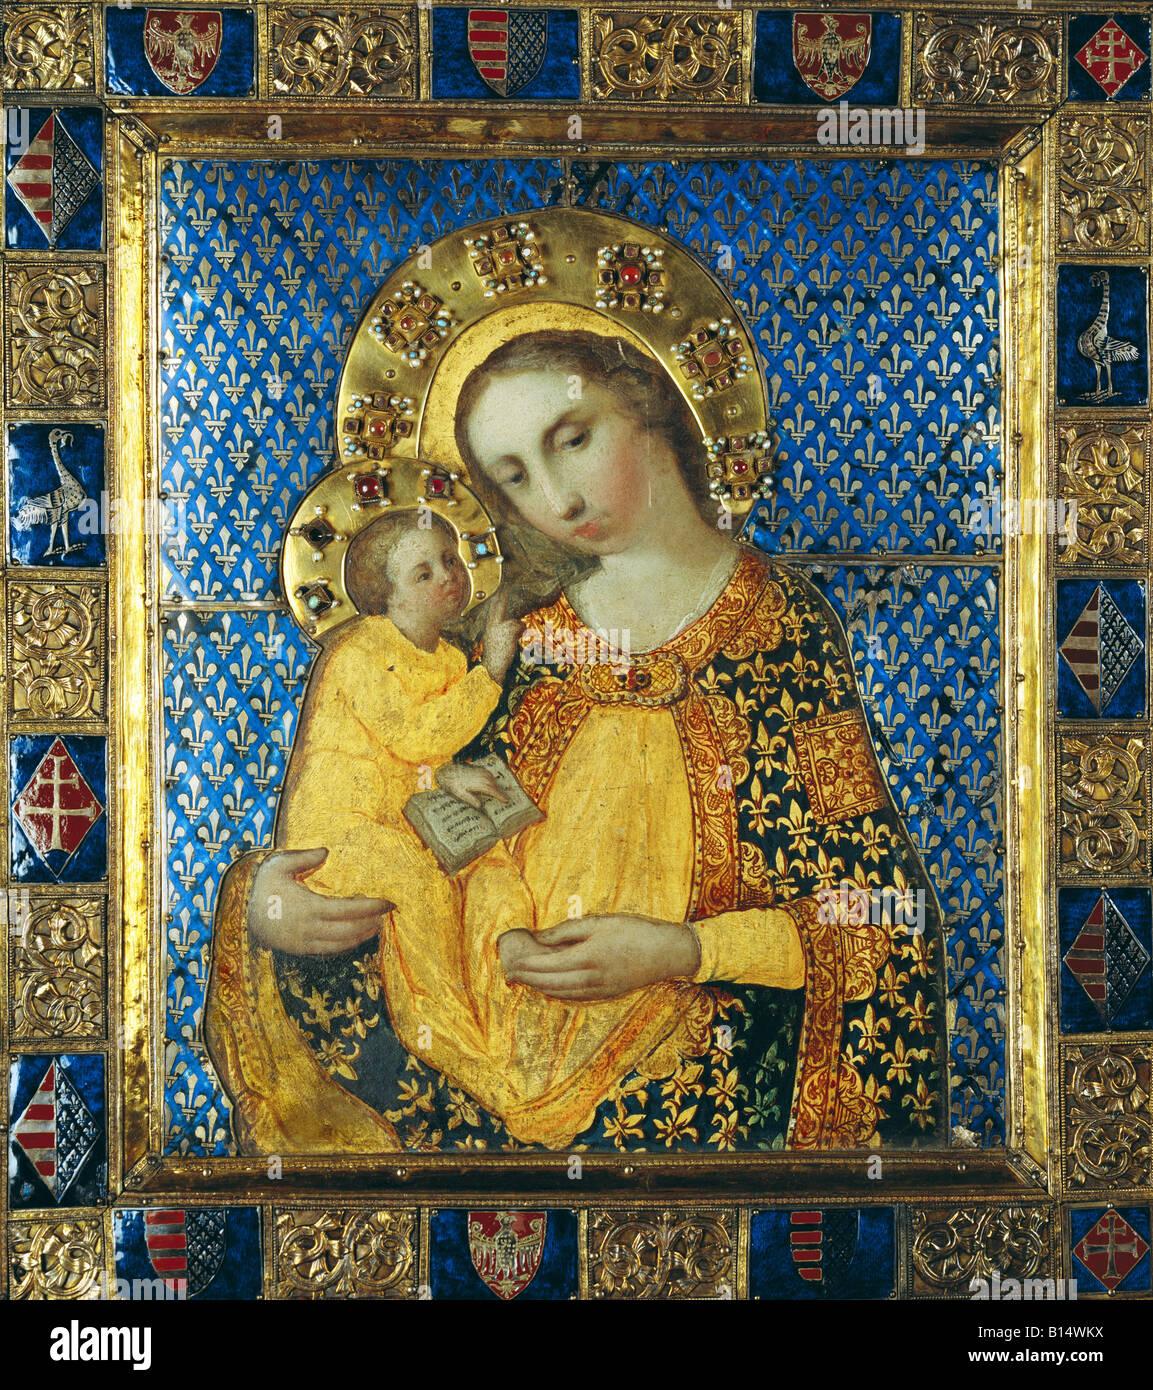 Bellas artes, de arte religioso, la Virgen con el niño, la pintura témpera sobre madera, gilted hoja de Imagen De Stock